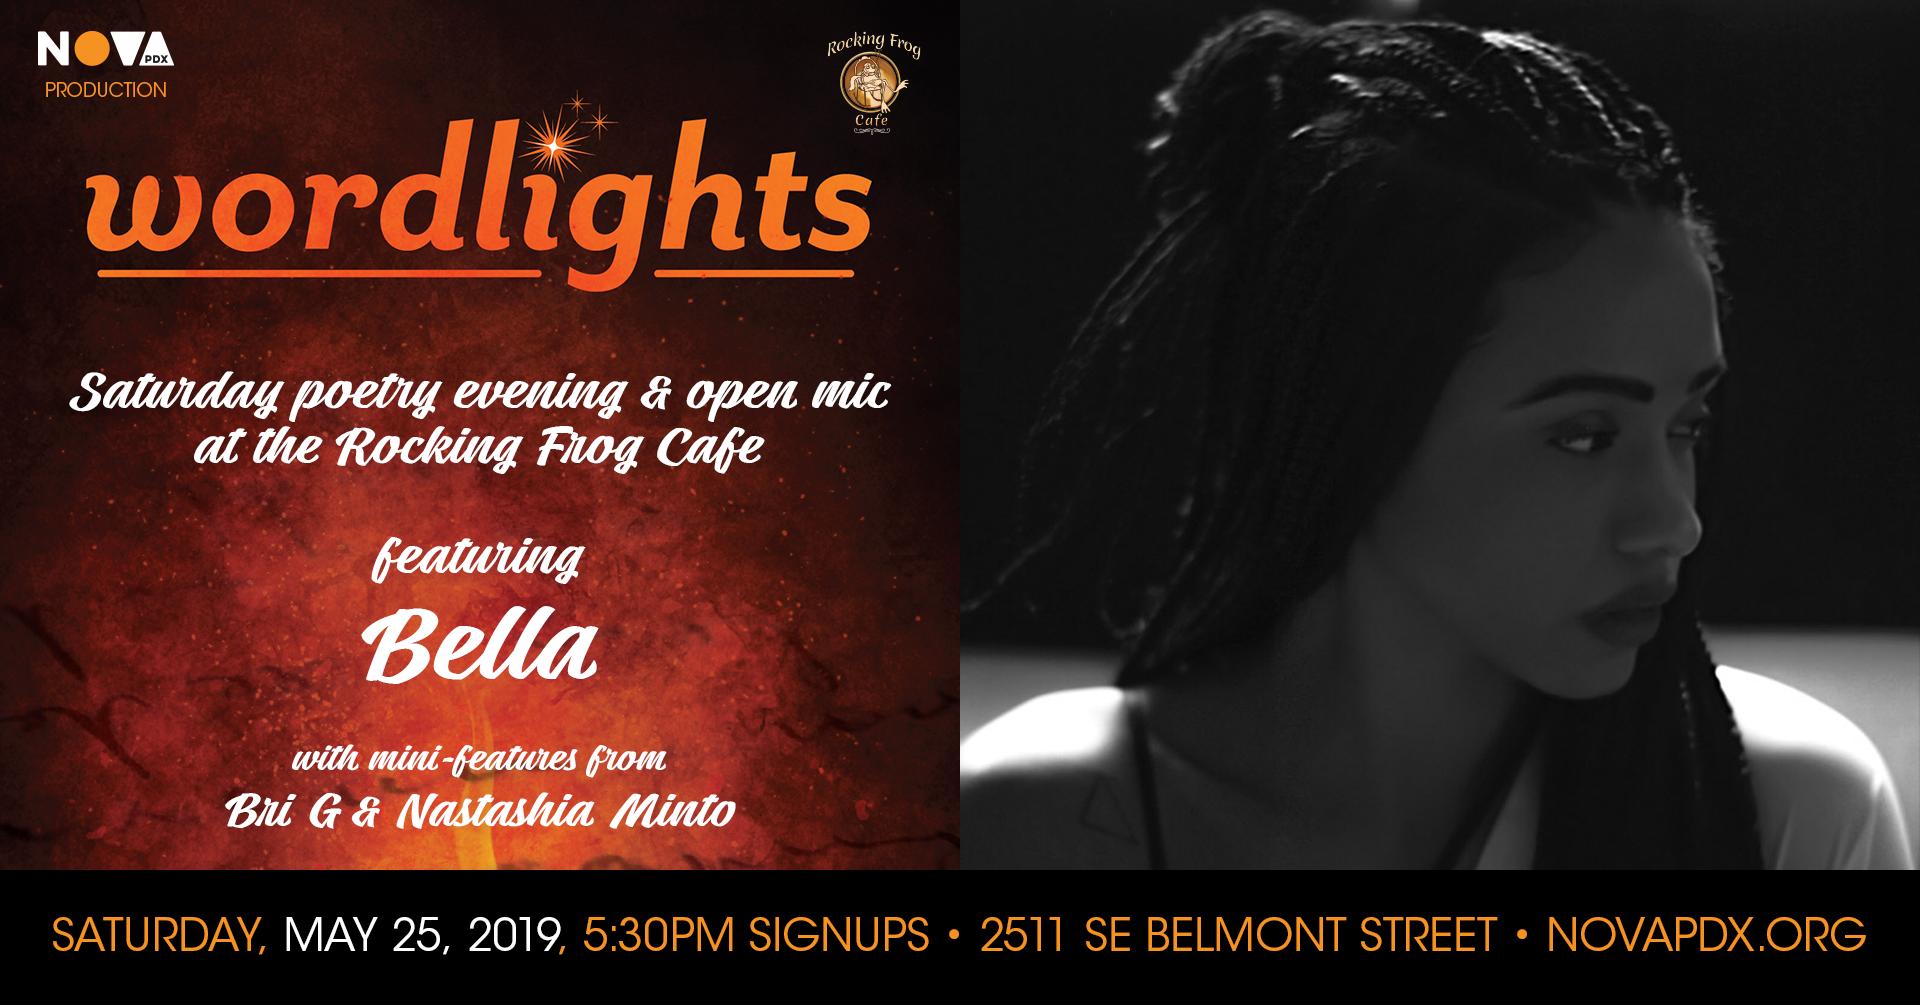 Wordlights-FB-Event-HeaderNew-05252019.png